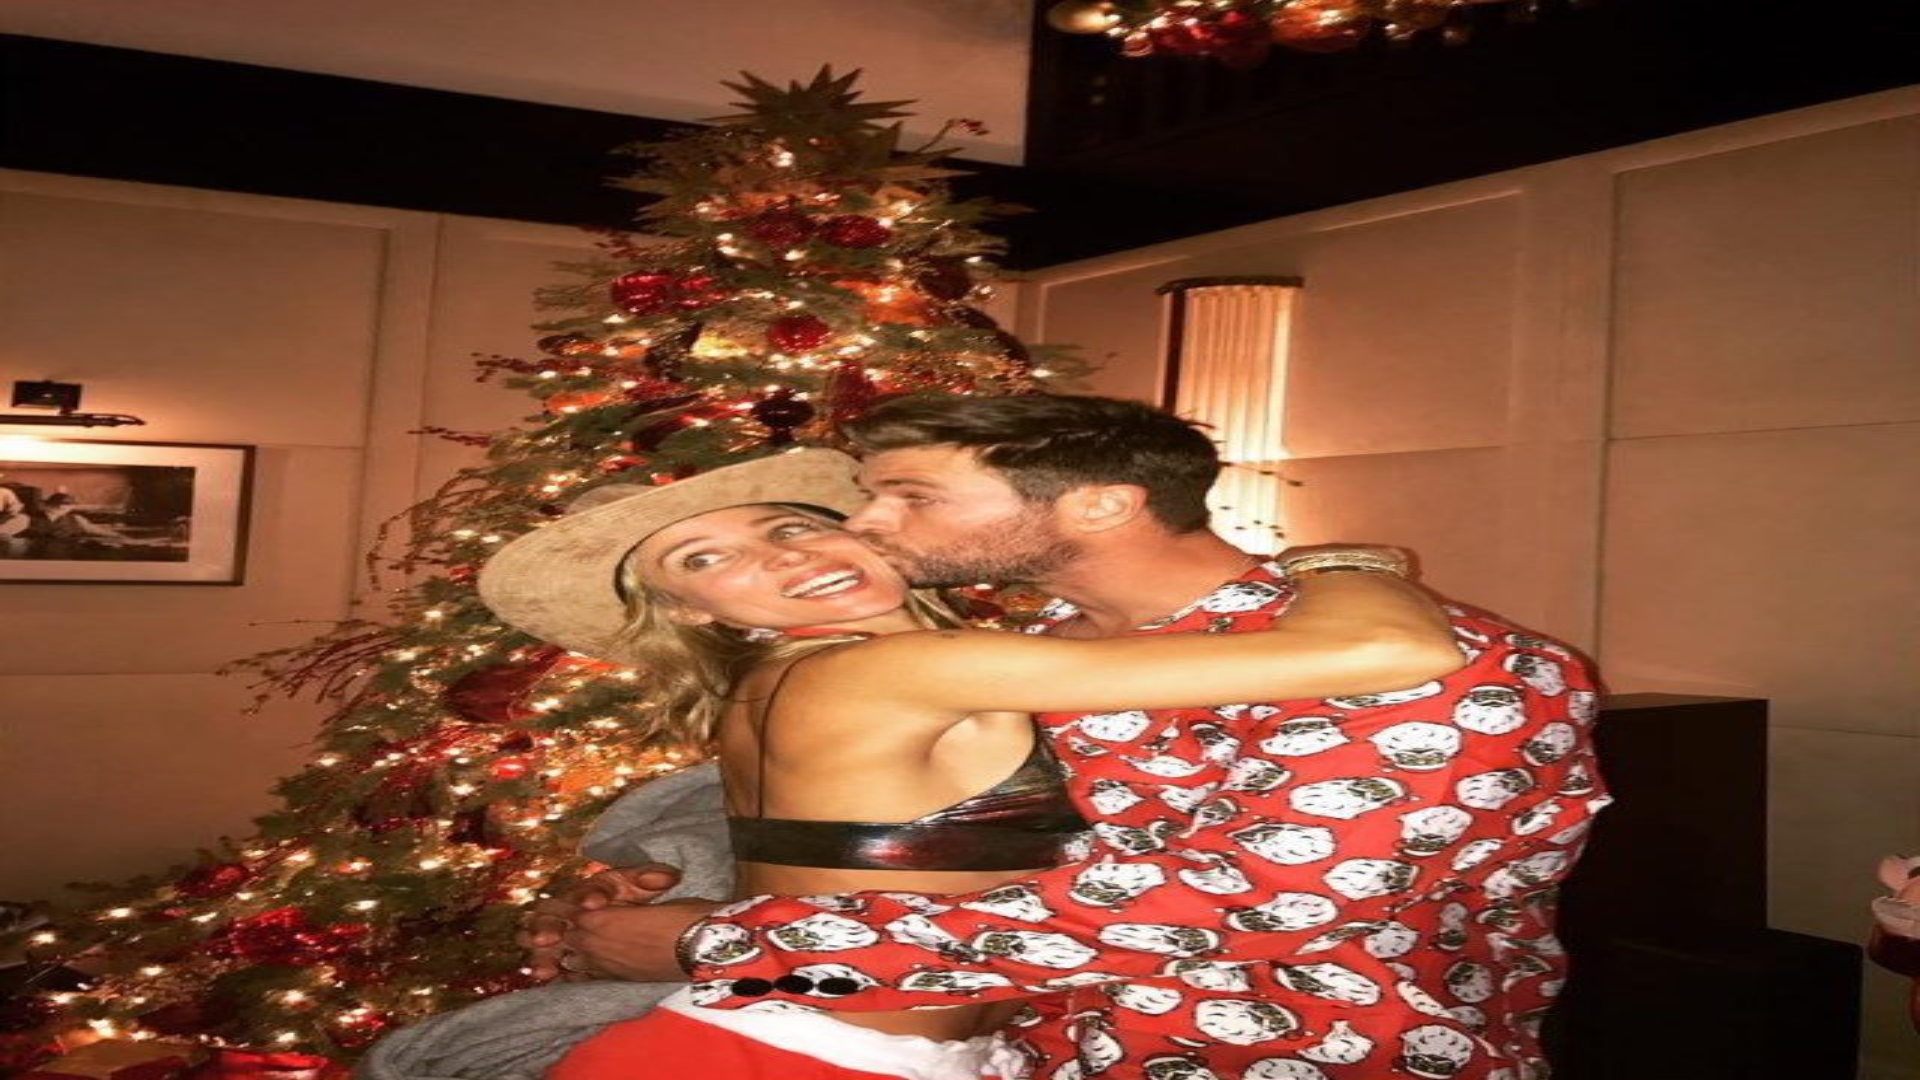 Chris-Hemsworth-Elsa-Pataky-Weihnachten-2016